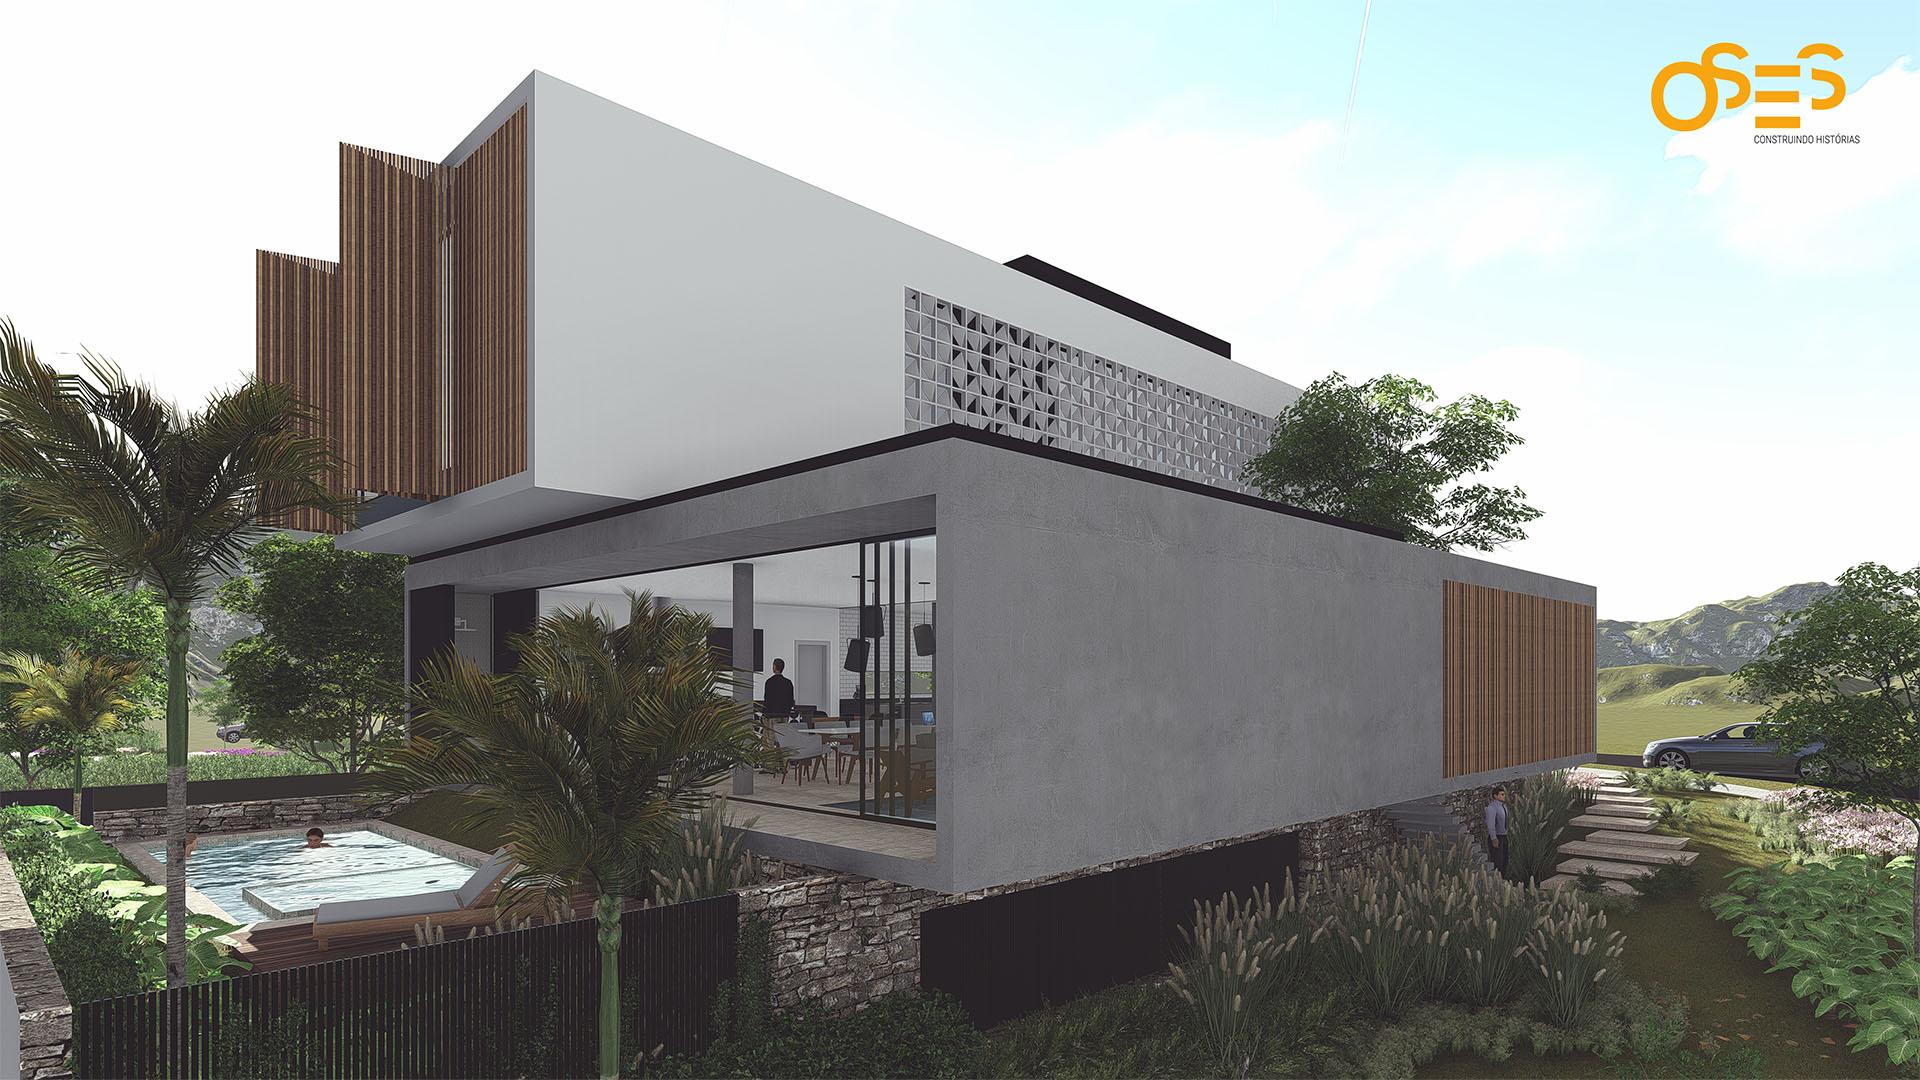 casa_alpha_oses_construtora (7)